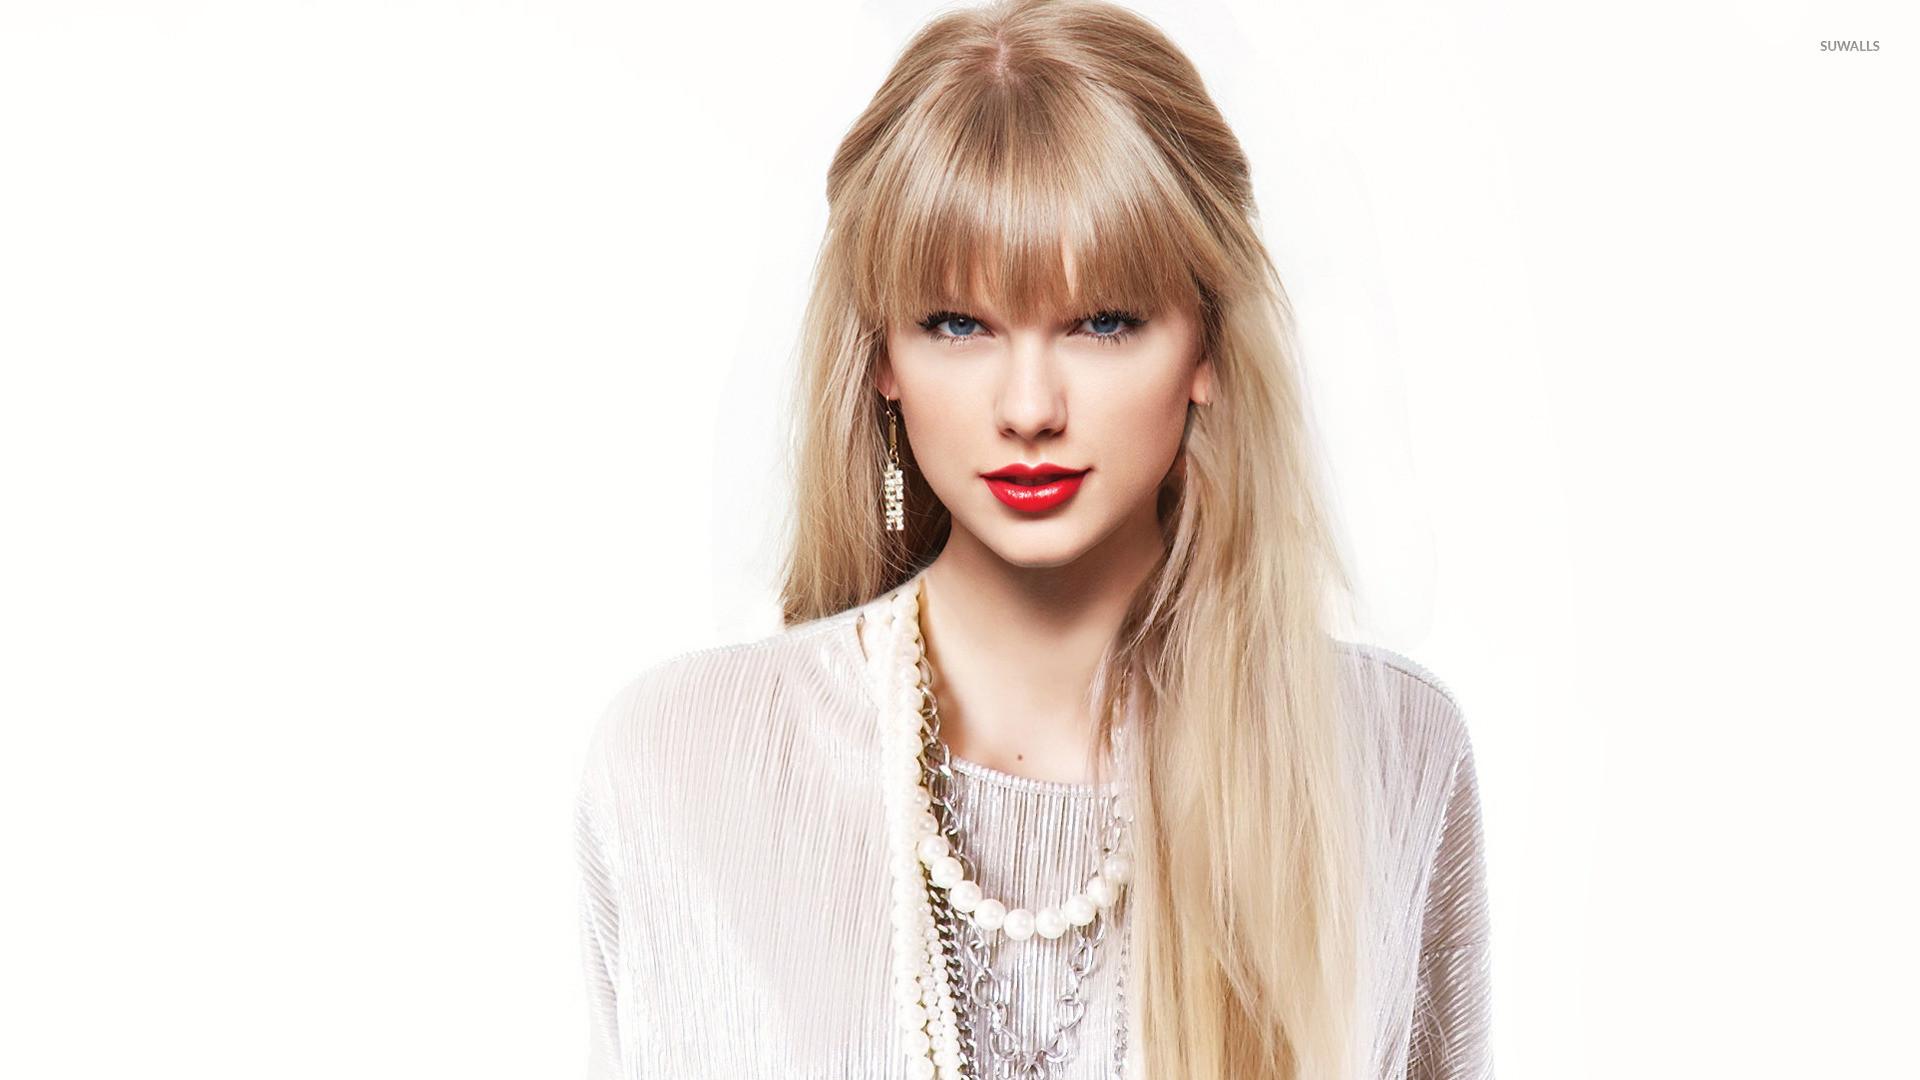 Taylor swift bangs haircut